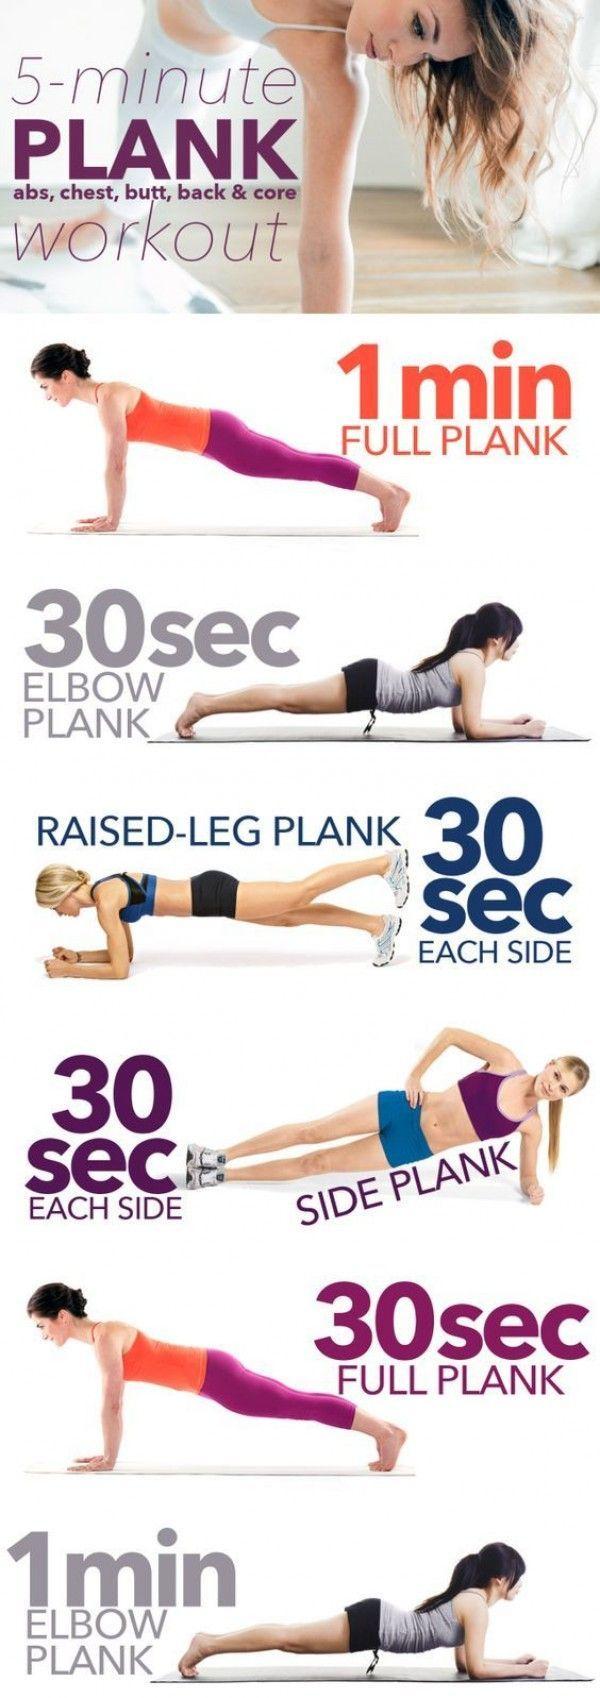 Top 20 Best Ab Workouts for Women http://www.weightlossjumpstart.net/category/motivation/